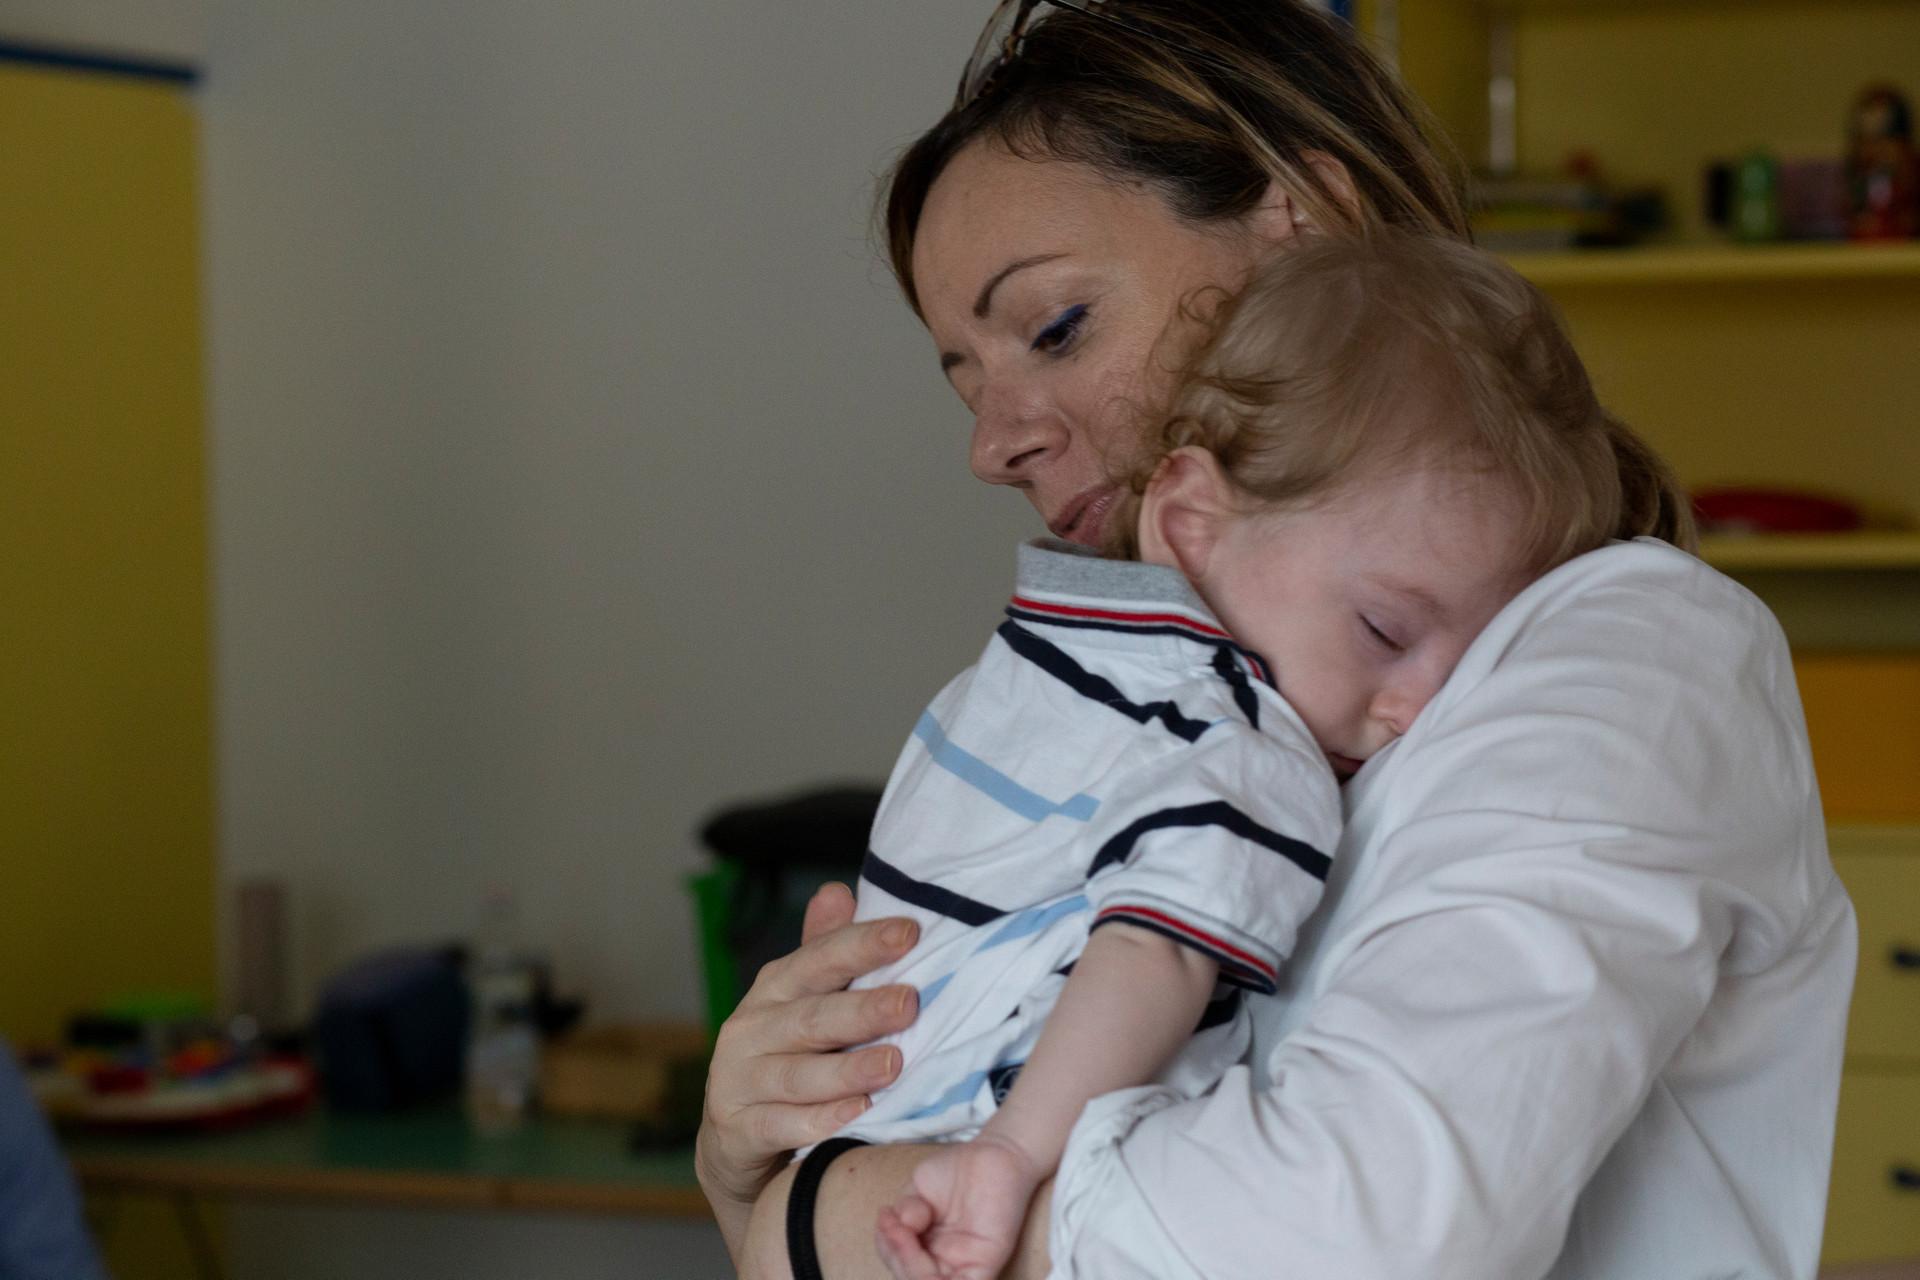 Gabriele dorme tranquillo in braccio a sua mamma, che lo regge accarezzandogli la schiena.